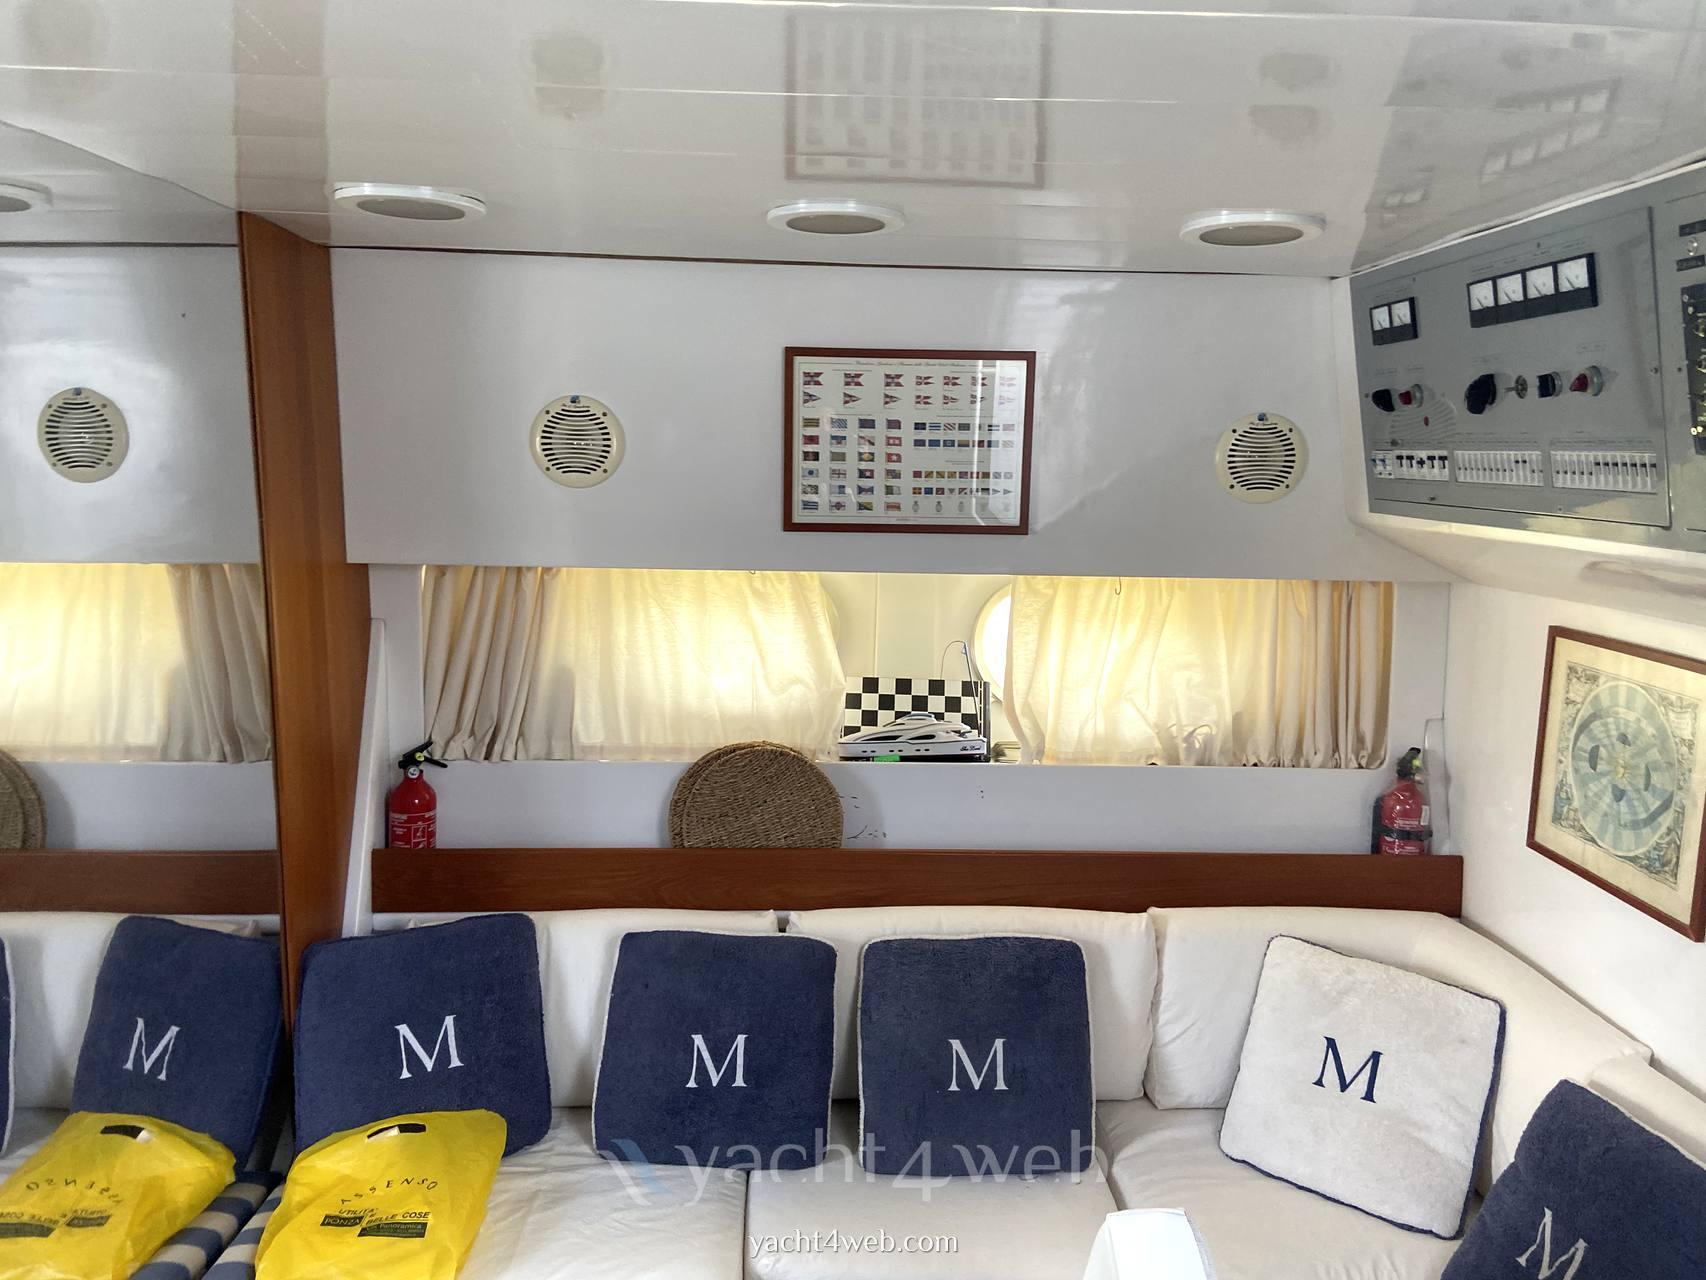 Cantieri di Baia Baia b50 Motor boat used for sale